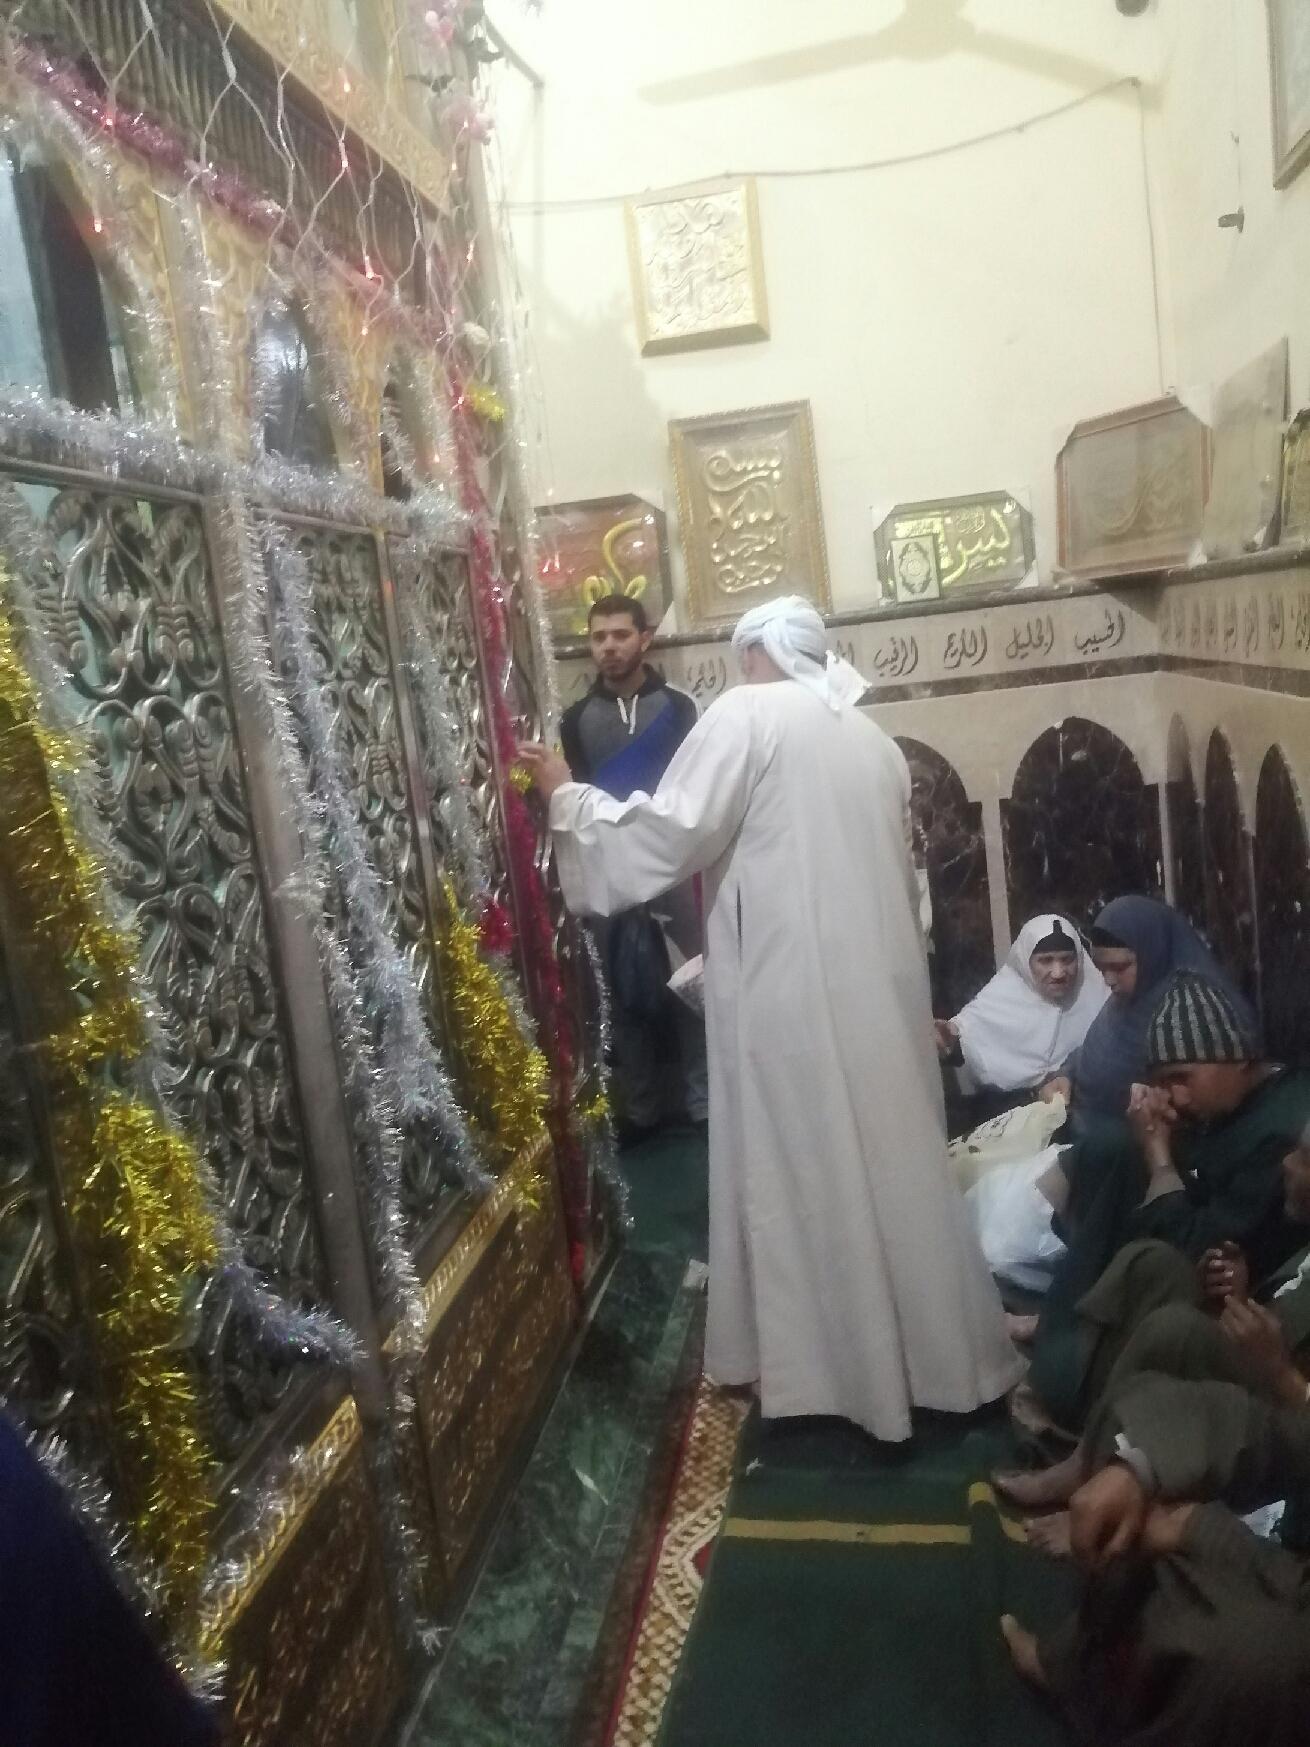 ضريح السيدة حورية حفيدة الإمام الحسين فى بنى سويف (6)